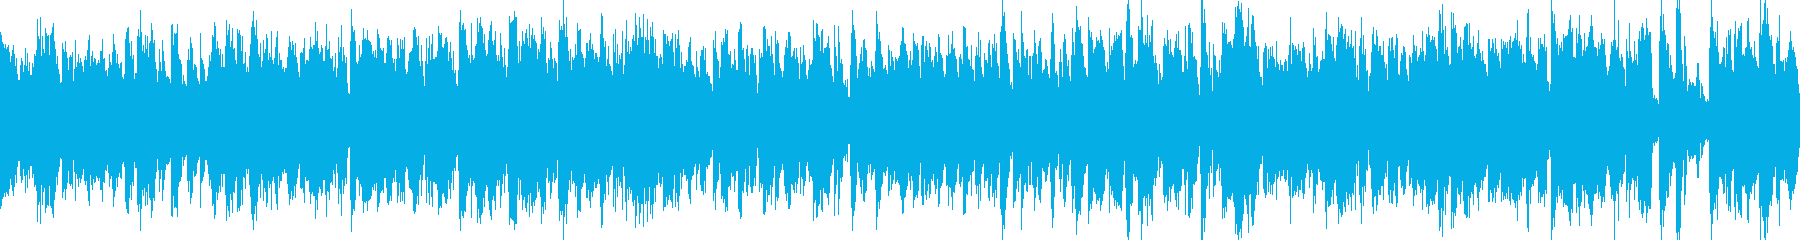 【ループ化】カジノ、ブルース、ジャズの再生済みの波形